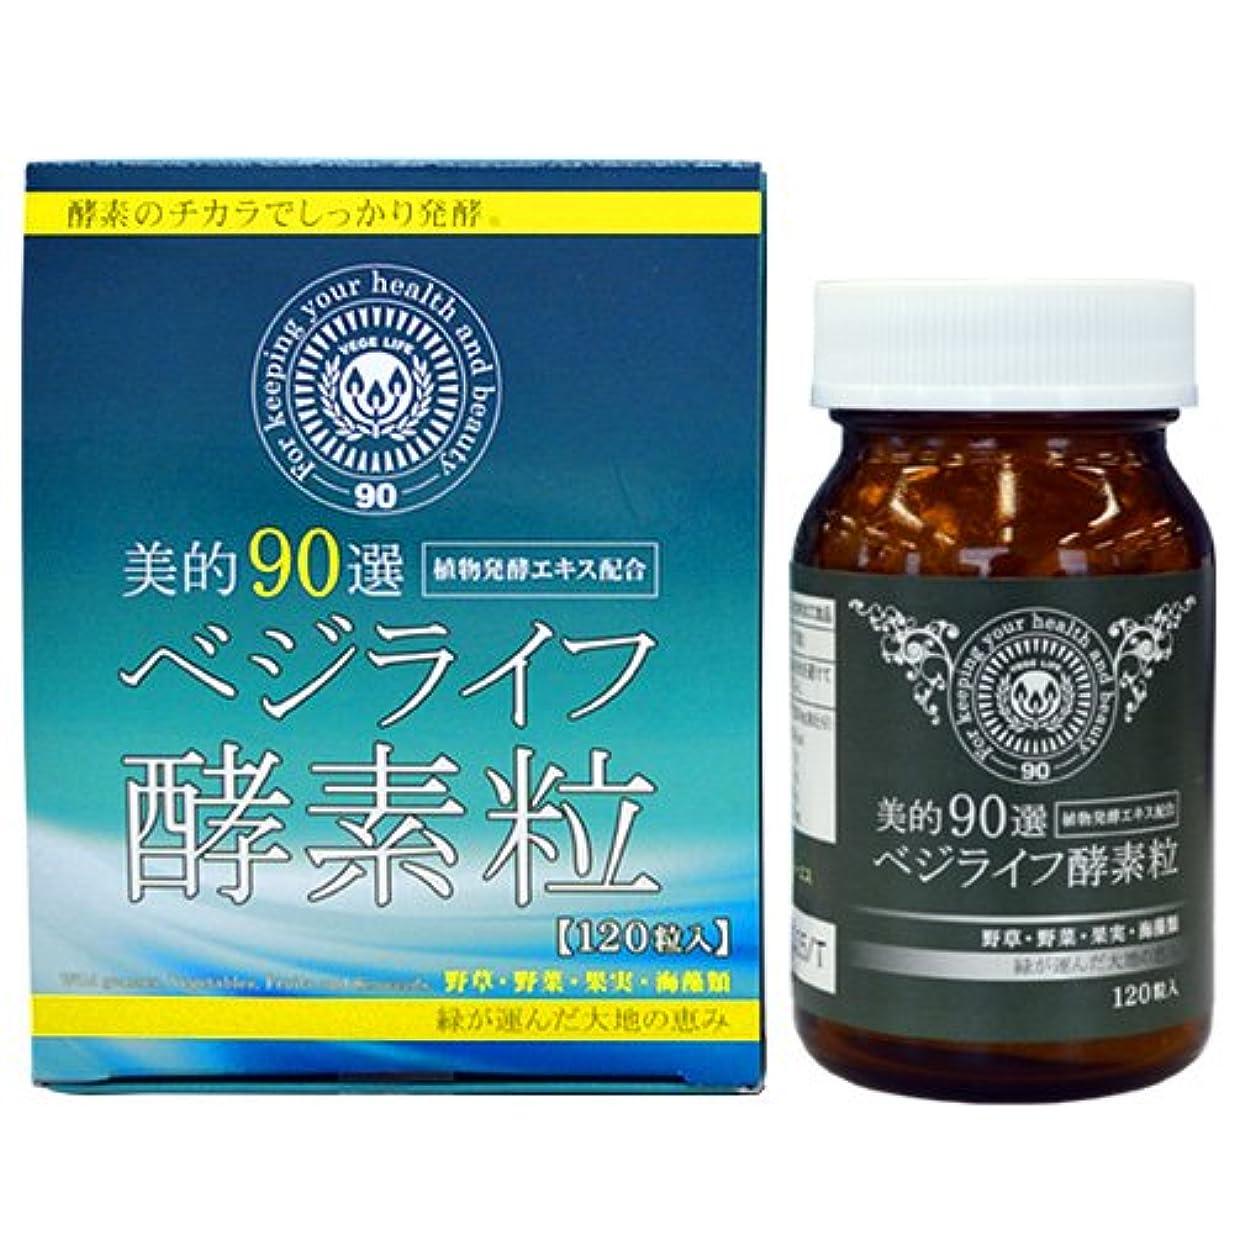 燃料パウダー歌詞植物発酵エキス配合 美的90選ベジライフ酵素粒(120粒入り)